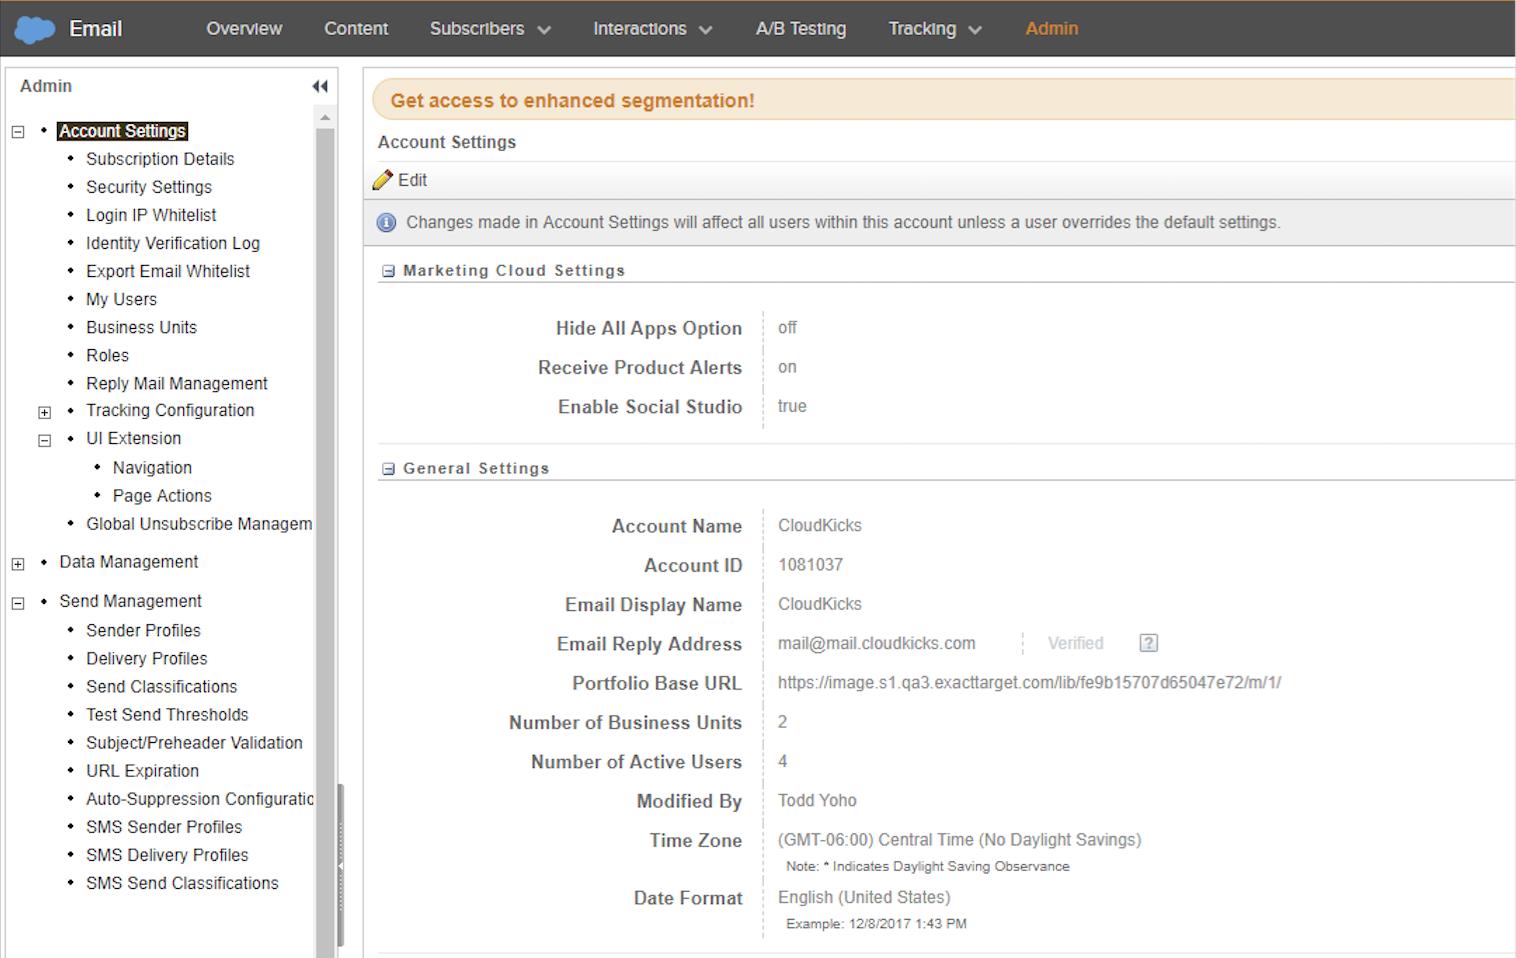 Screenshot of Admin tab